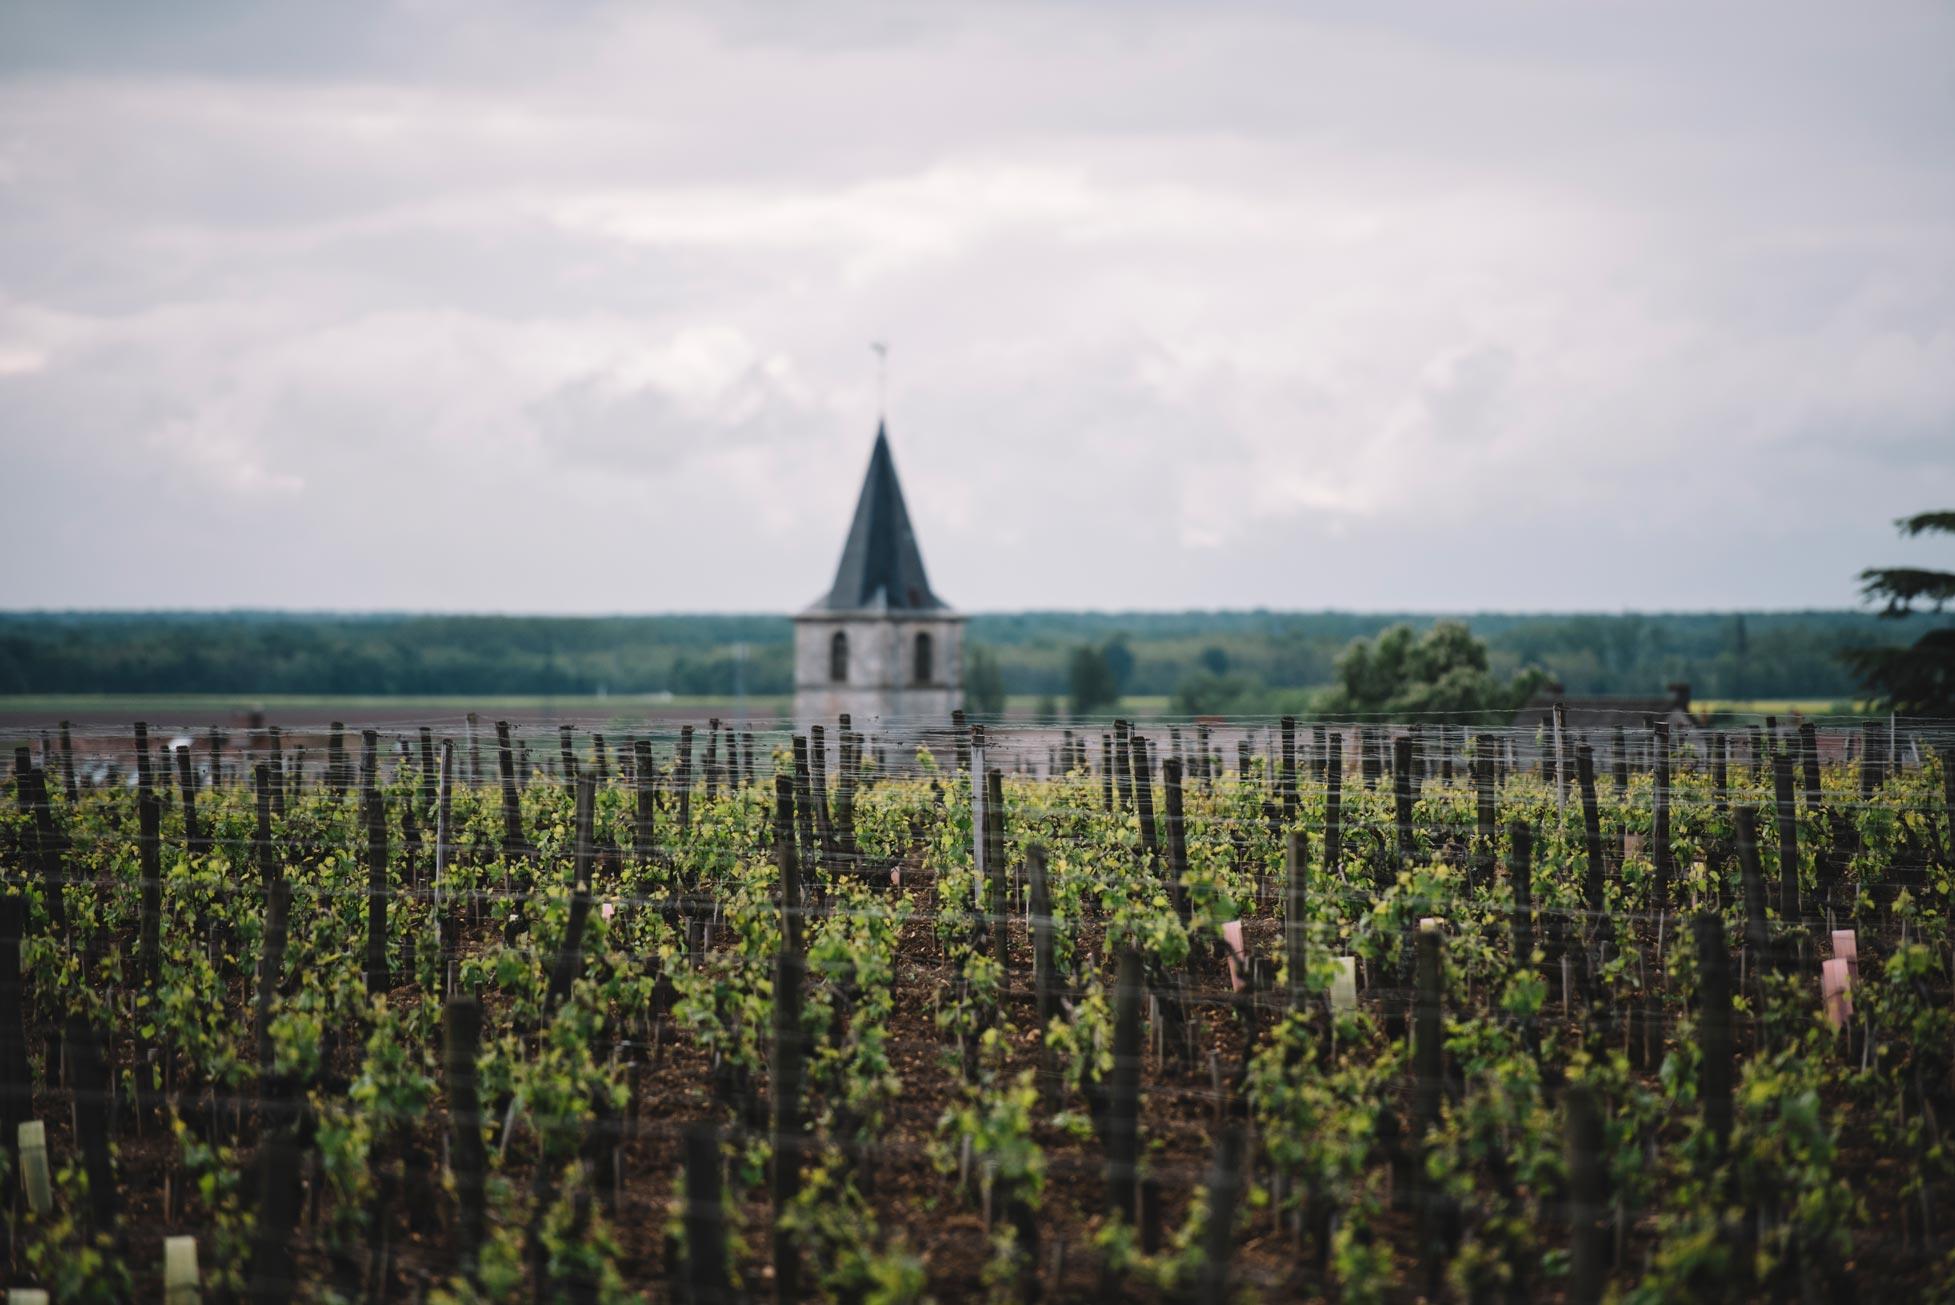 Pratique de taille en vert | Domaine Leroy | Vosne-Romanée | Bourgogne